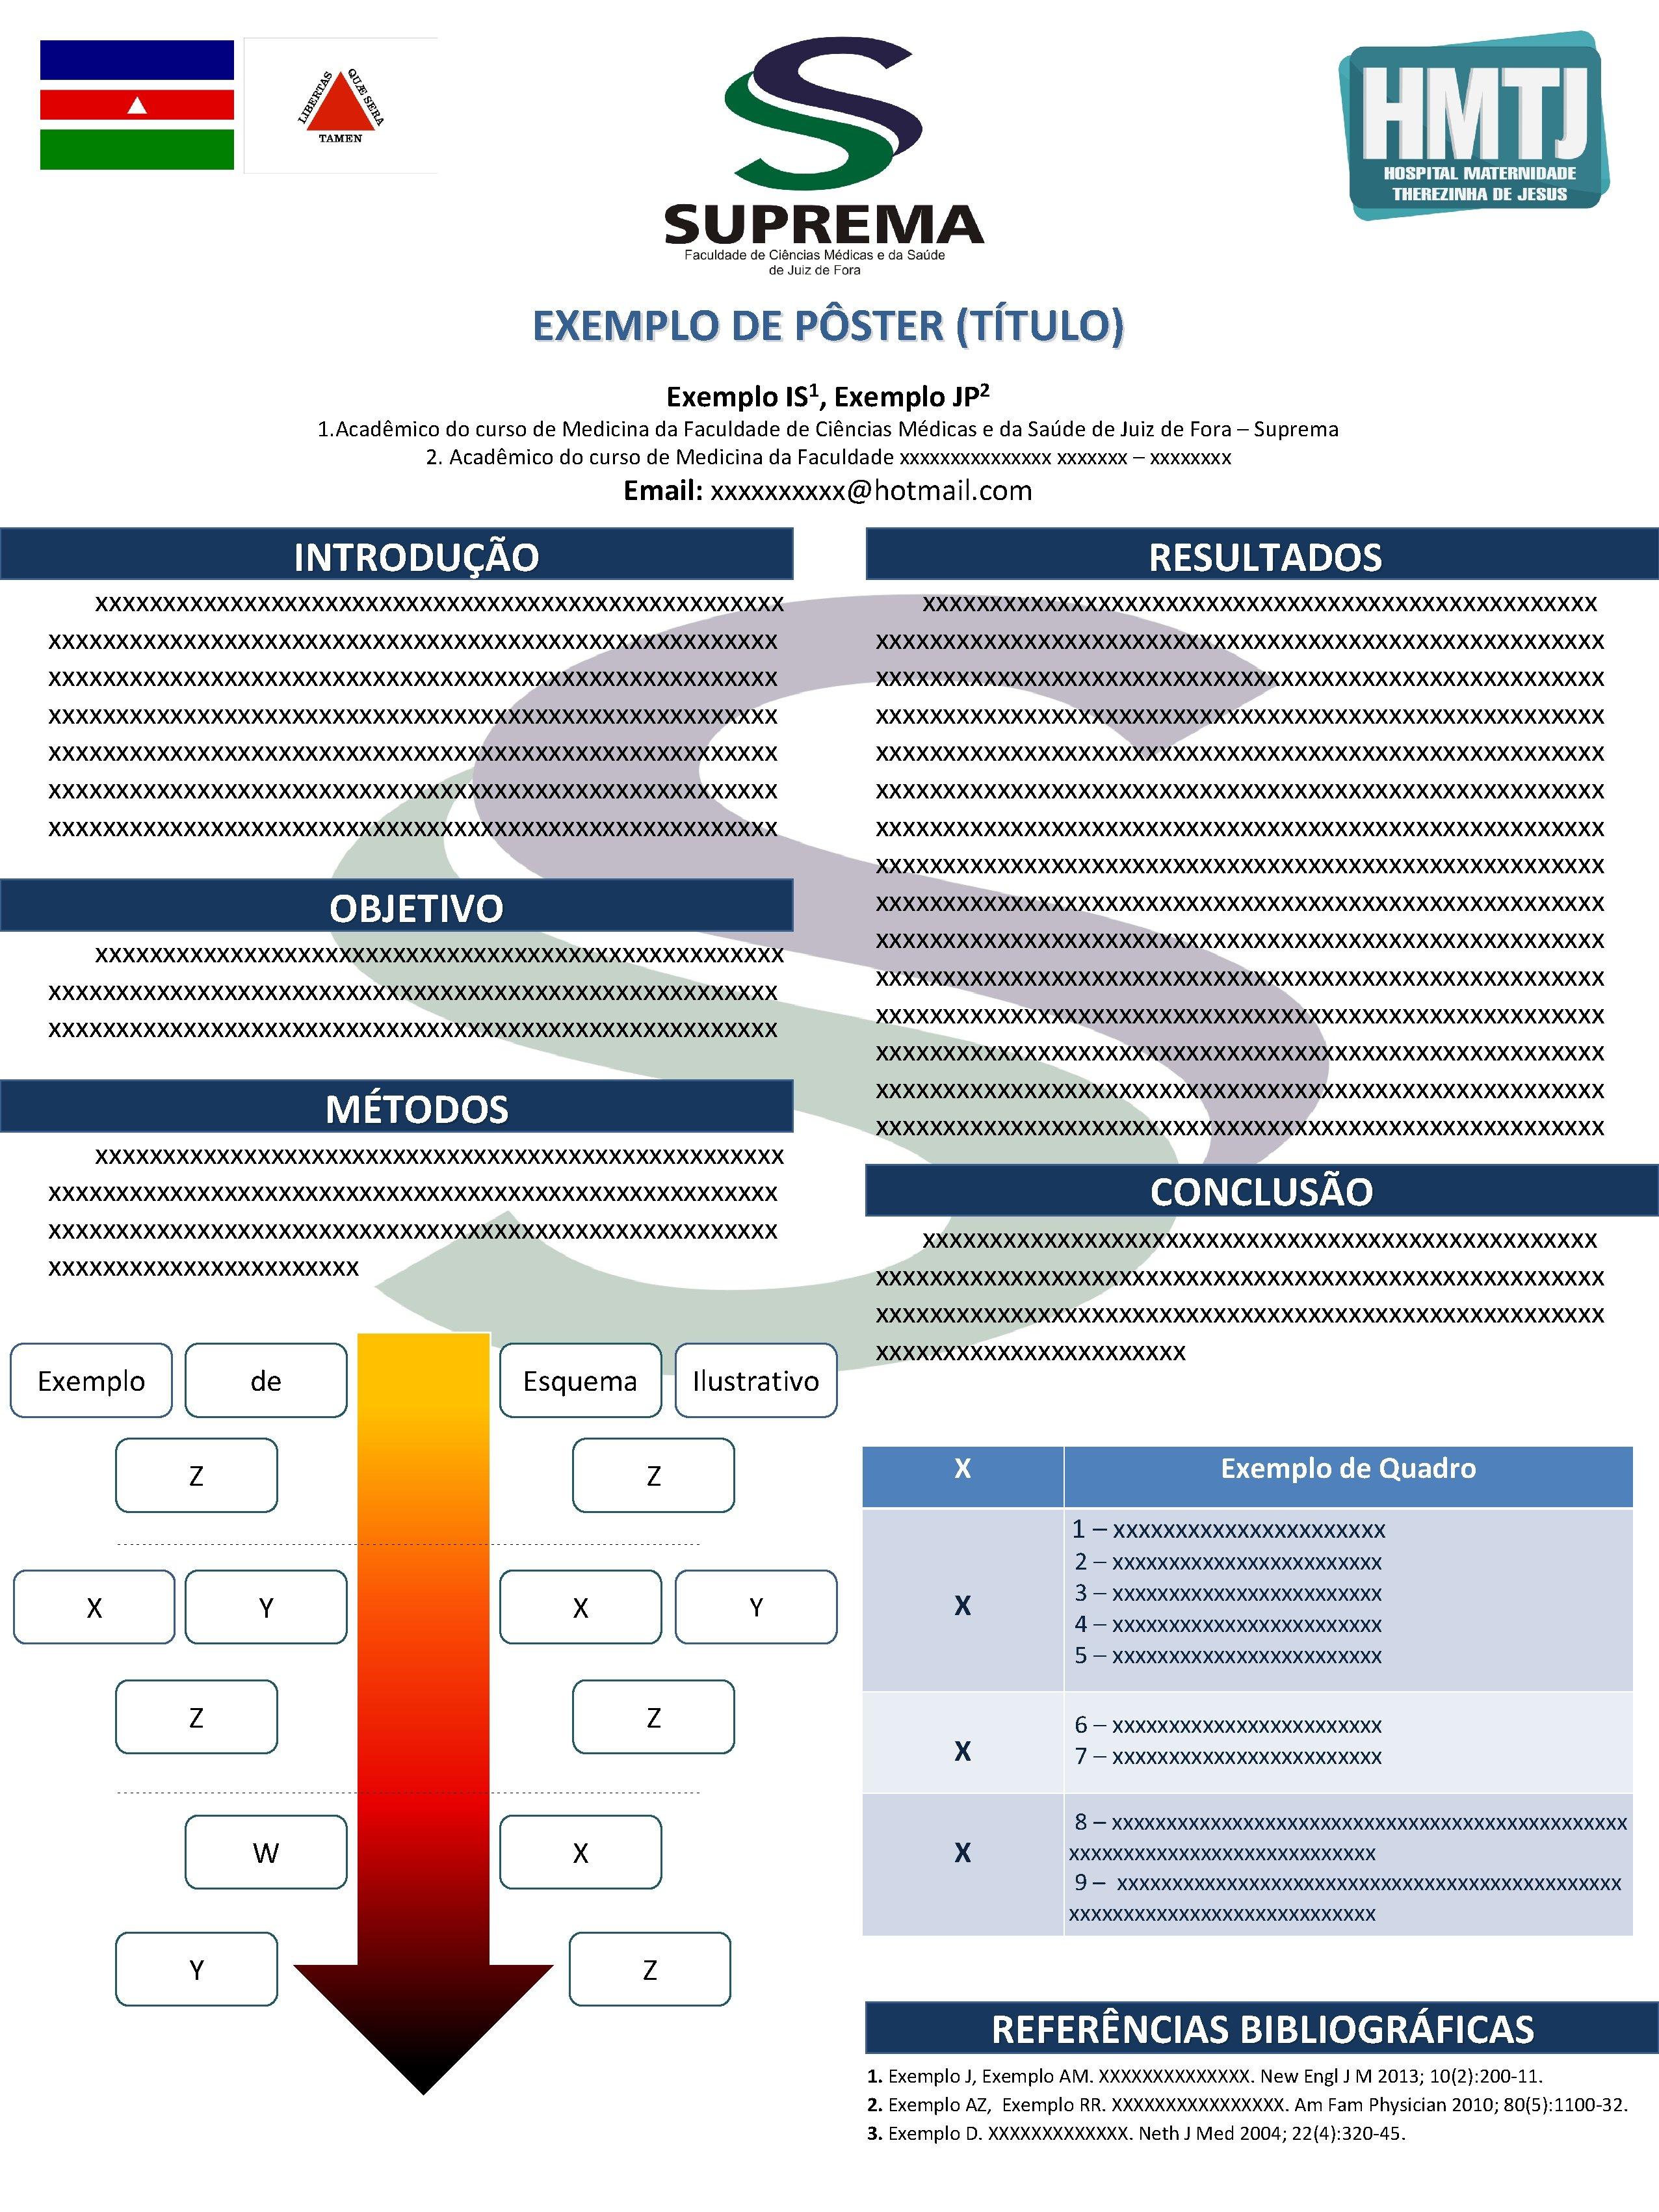 EXEMPLO DE PÔSTER (TÍTULO) Exemplo 1 IS , Exemplo 2 JP 1. Acadêmico do